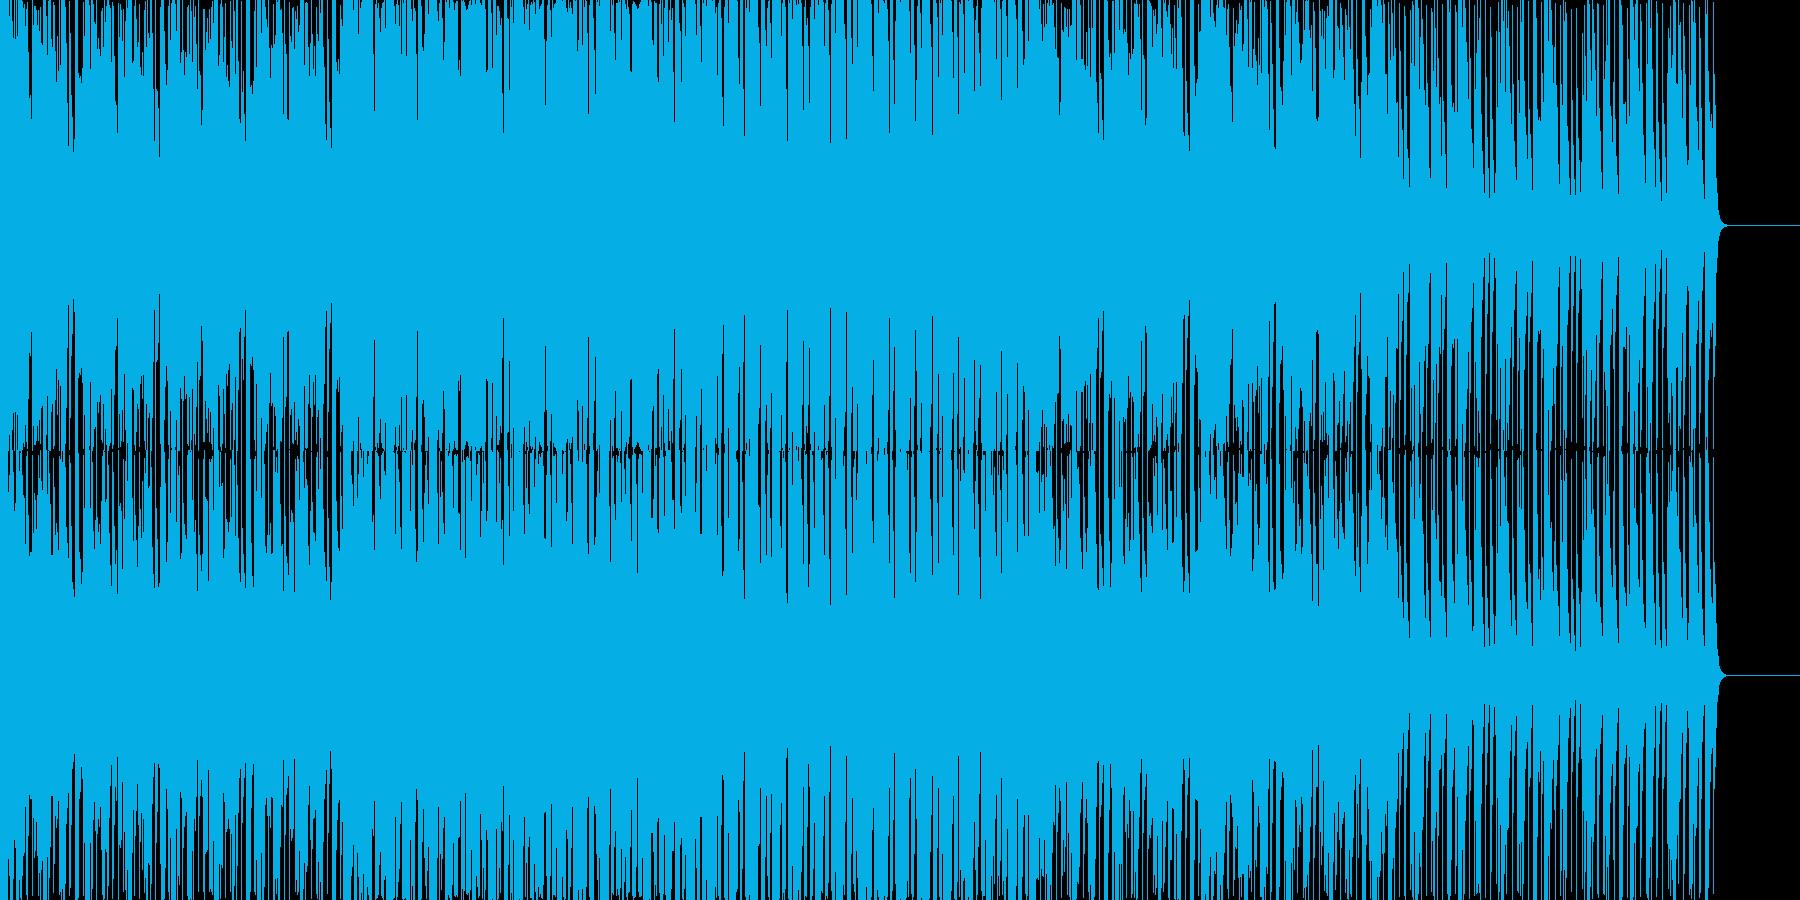 ゲームでのブリーフィングBGM等にの再生済みの波形